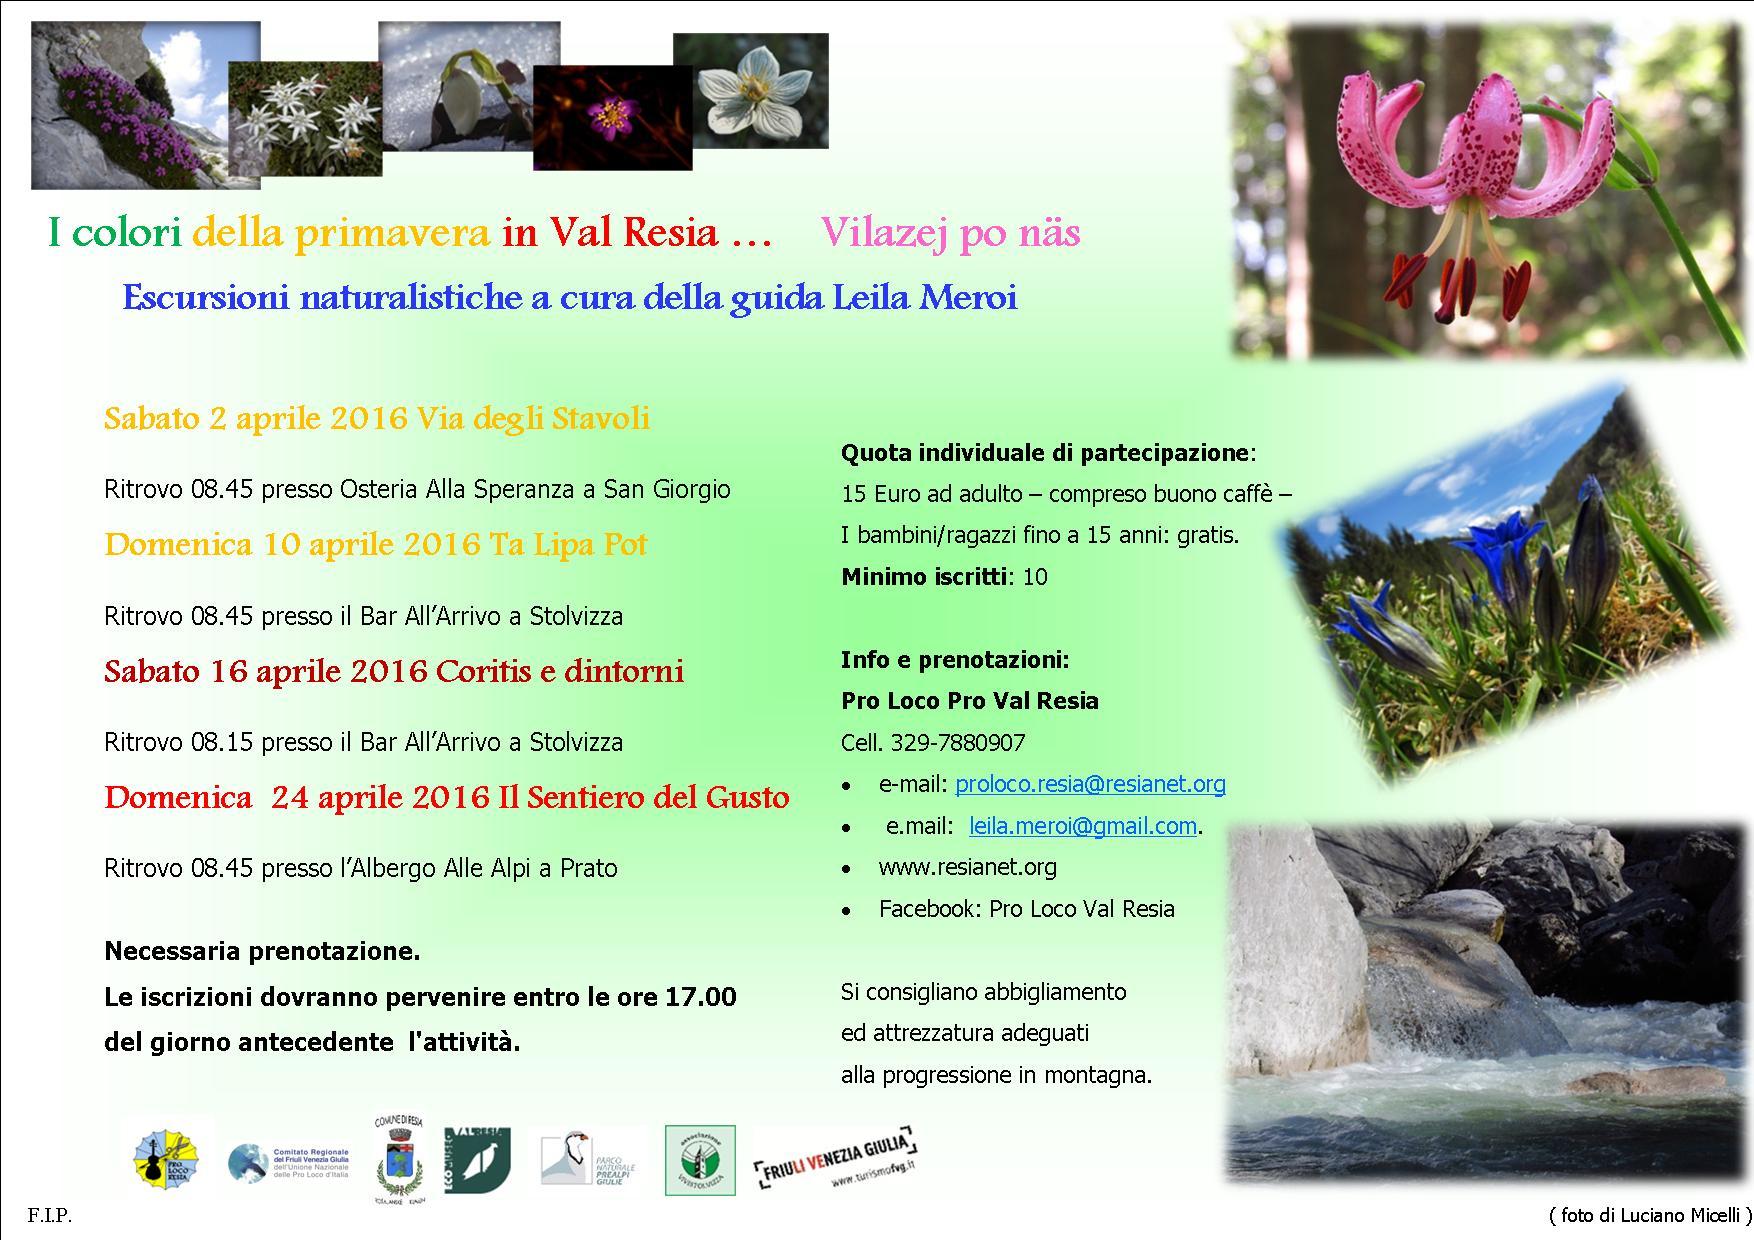 opuscolo primavera in Val Resia-escursioni